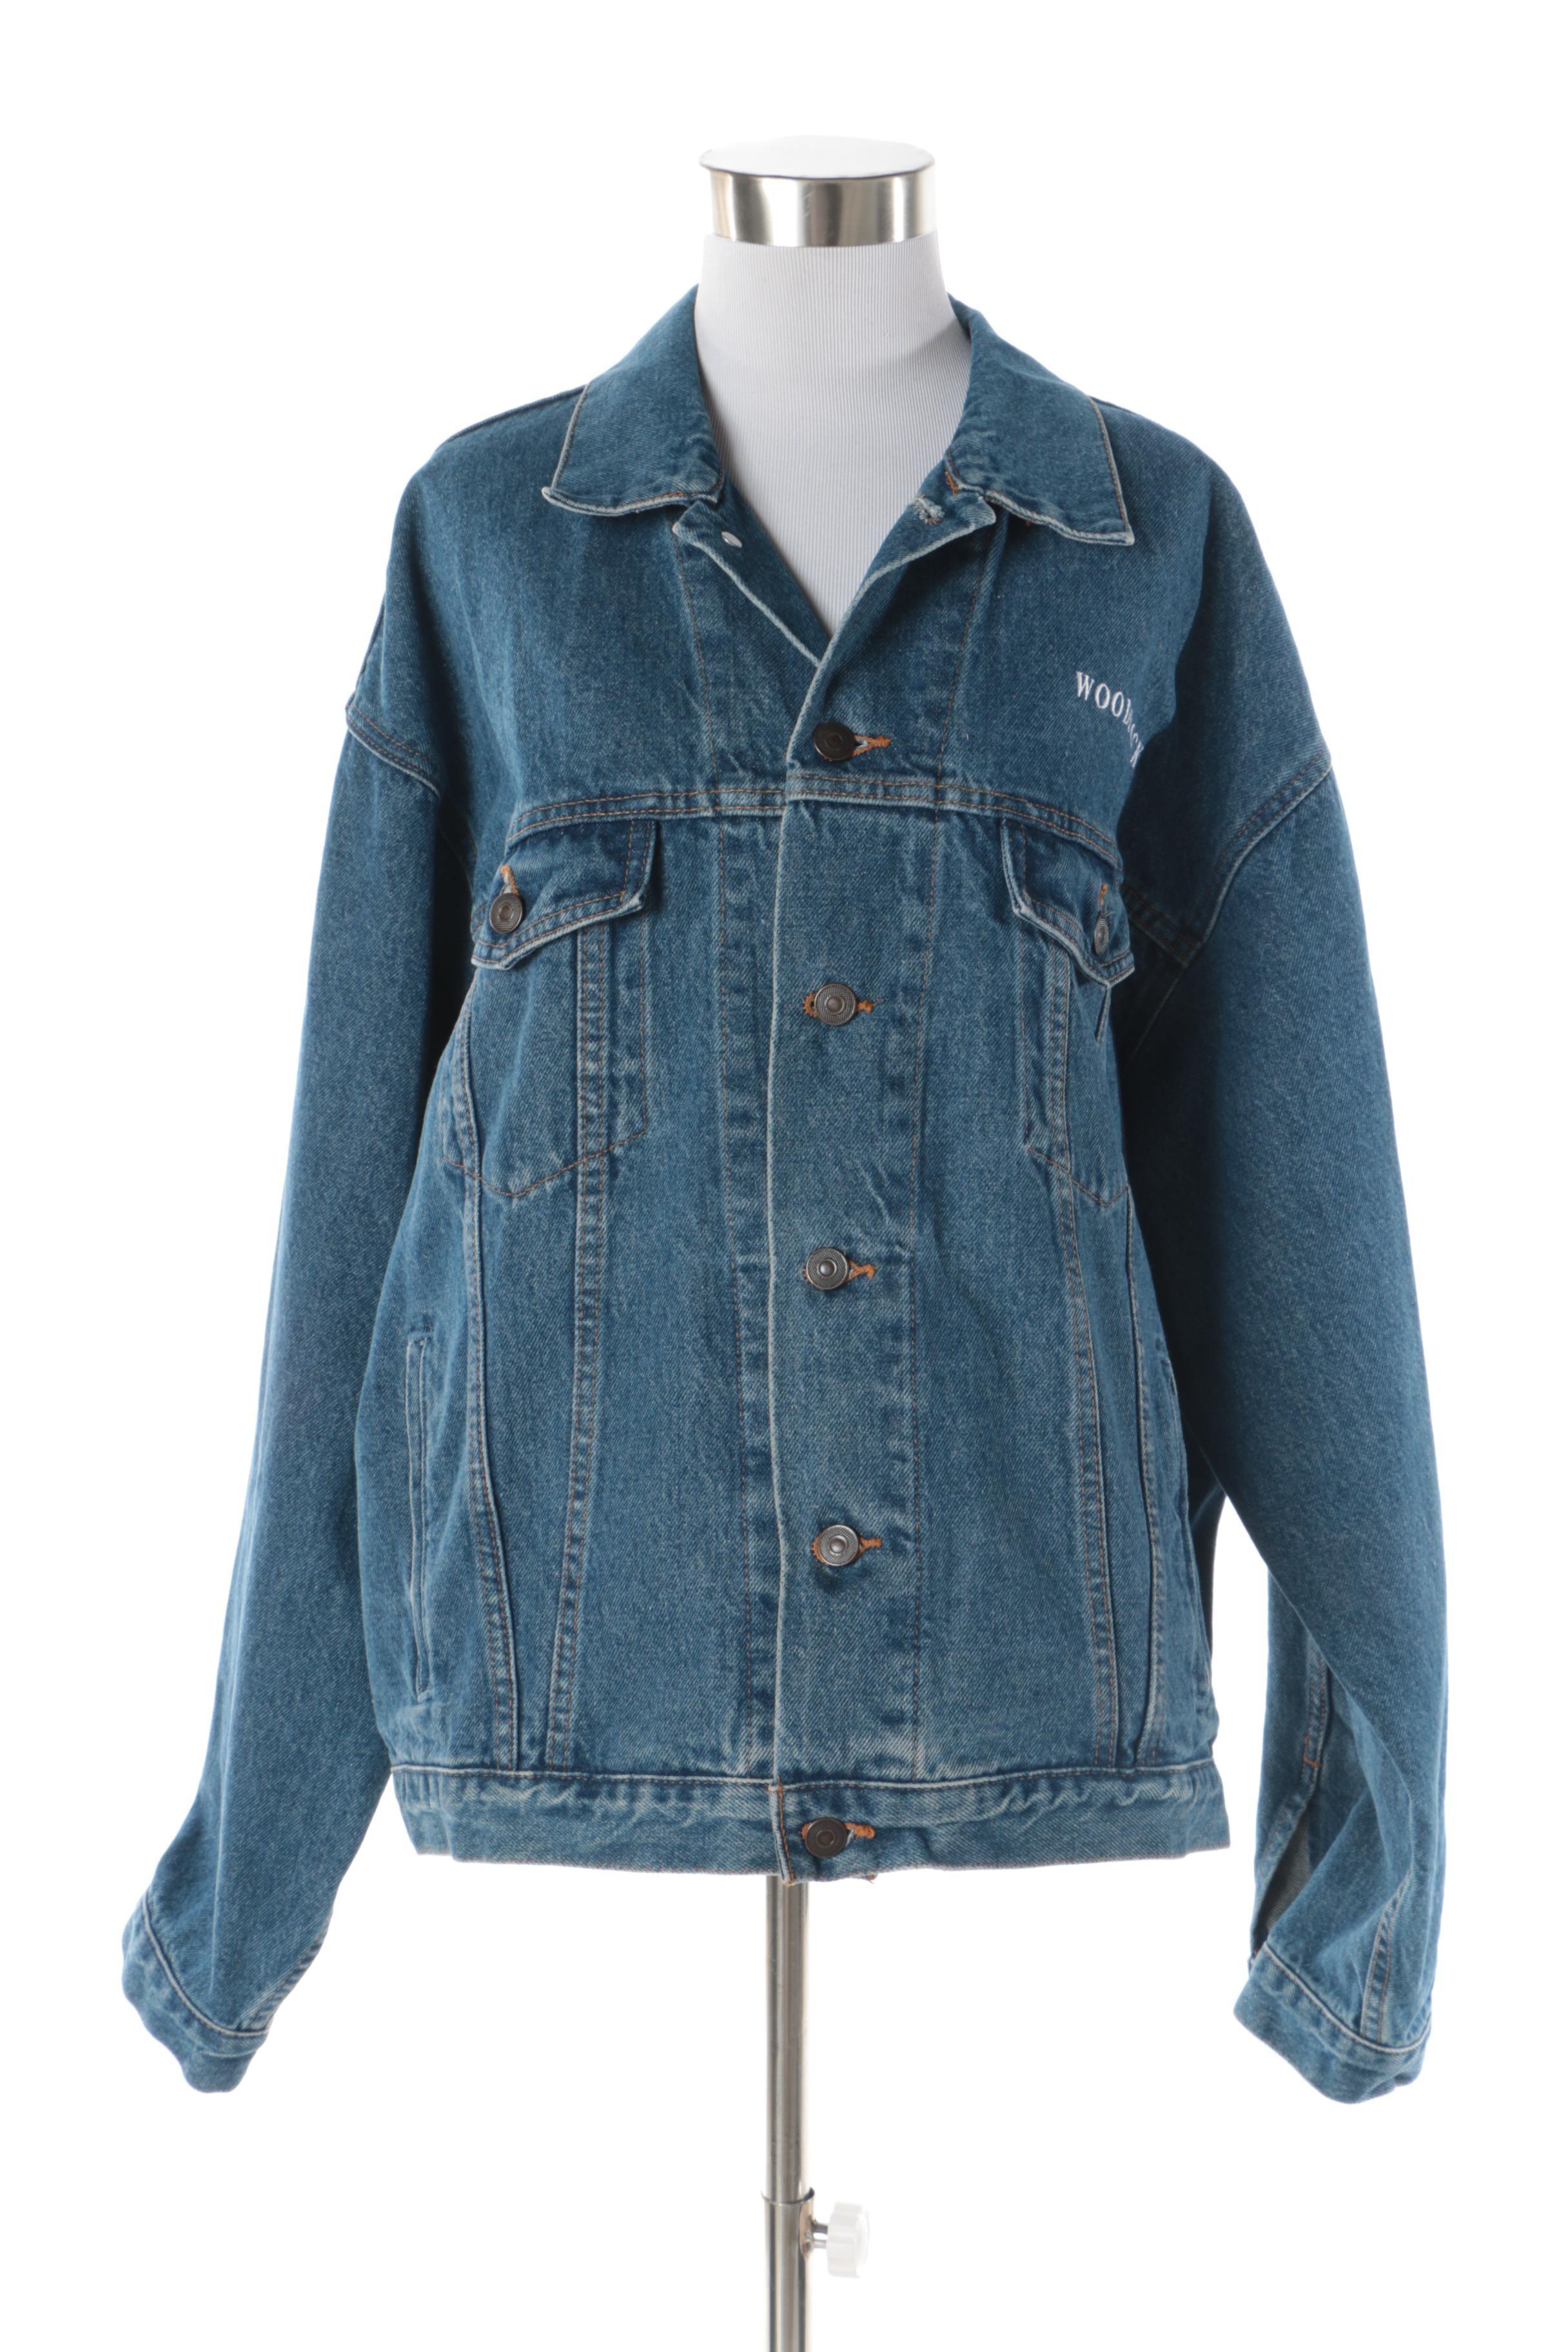 Men's Star Gear Woodstock Denim Jacket